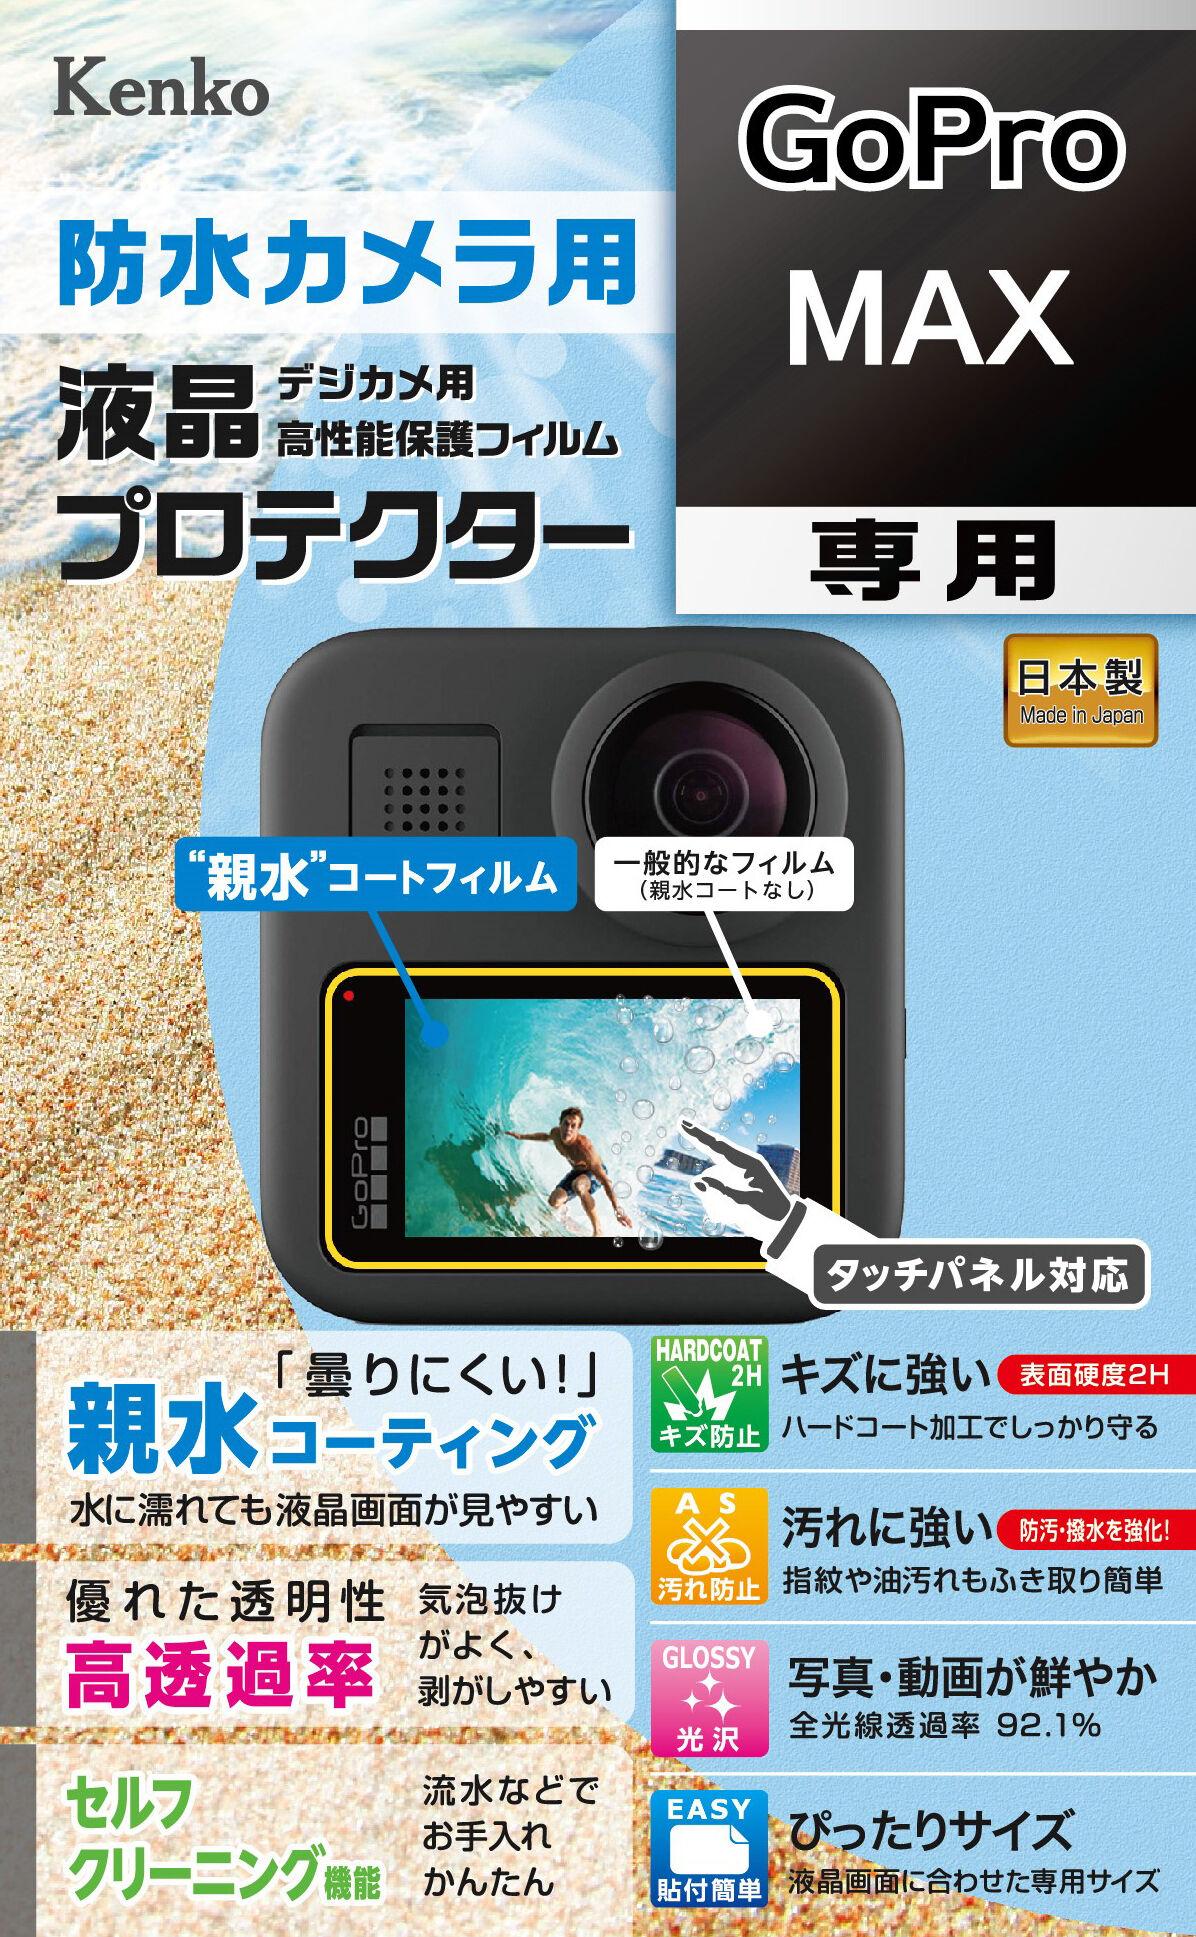 https://www.kenko-tokina.co.jp/imaging/eq/mt-images/4961607879368_products01.jpg